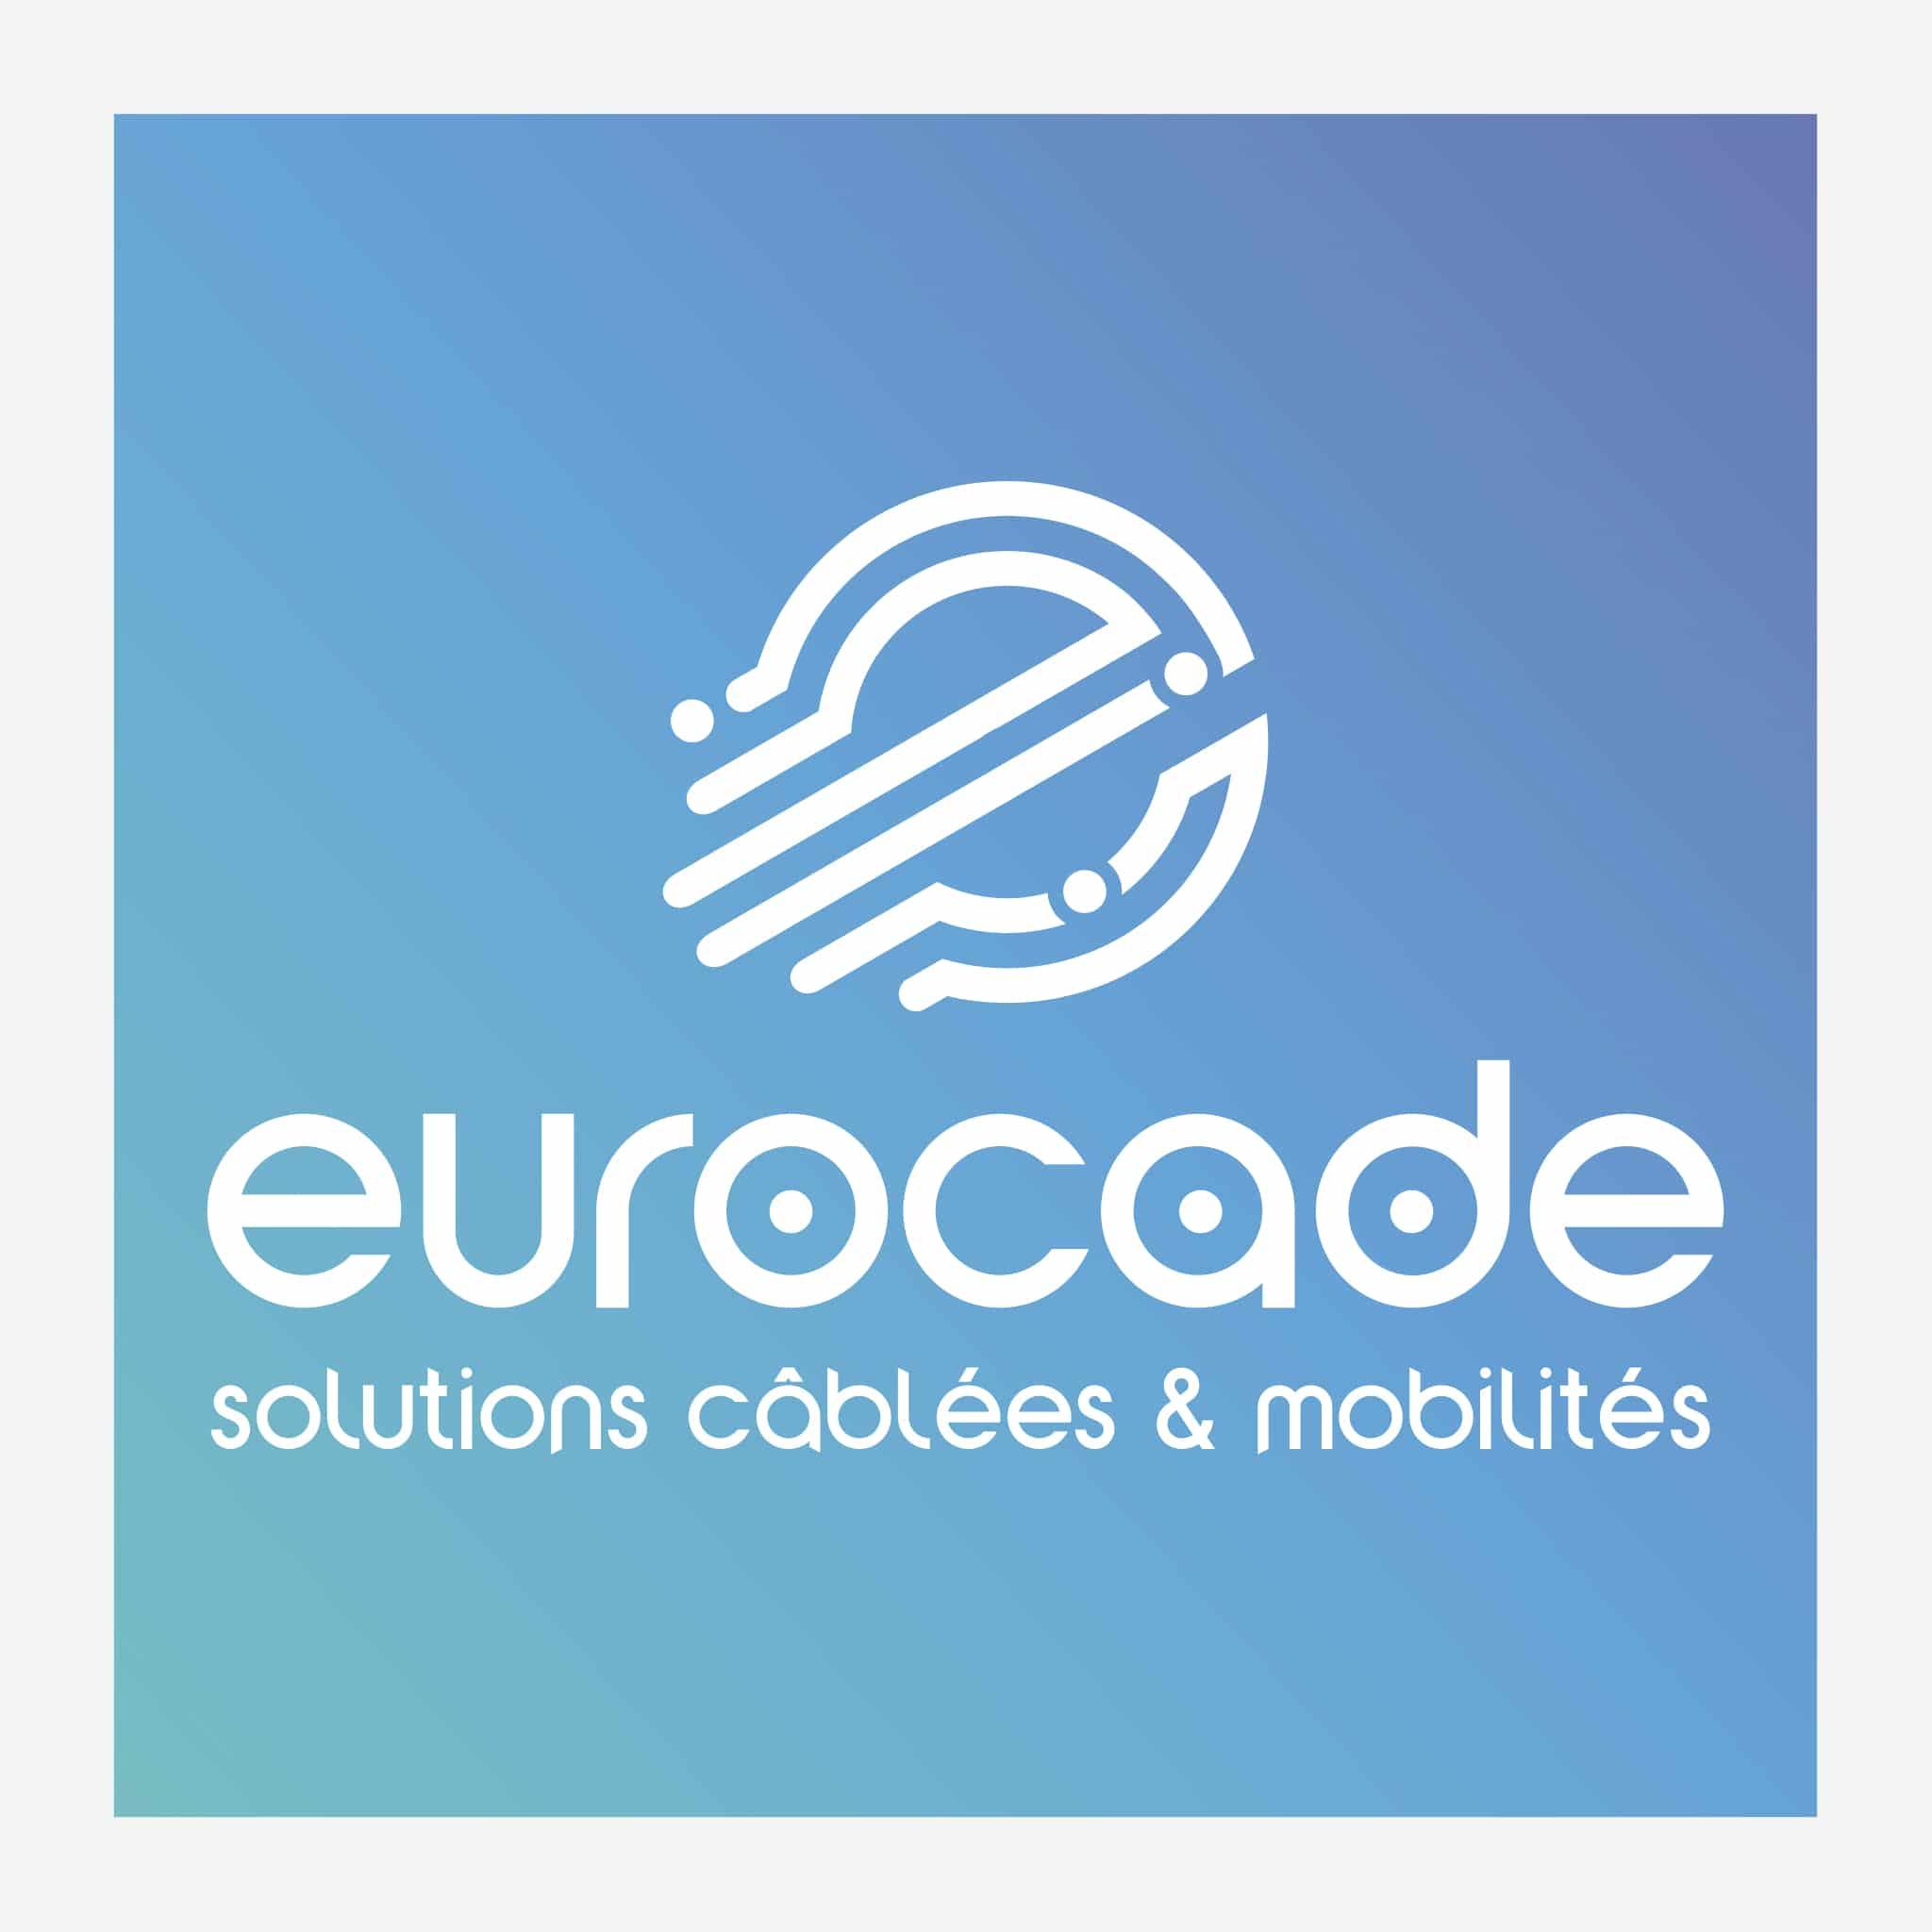 presa-eurocade-logo-3